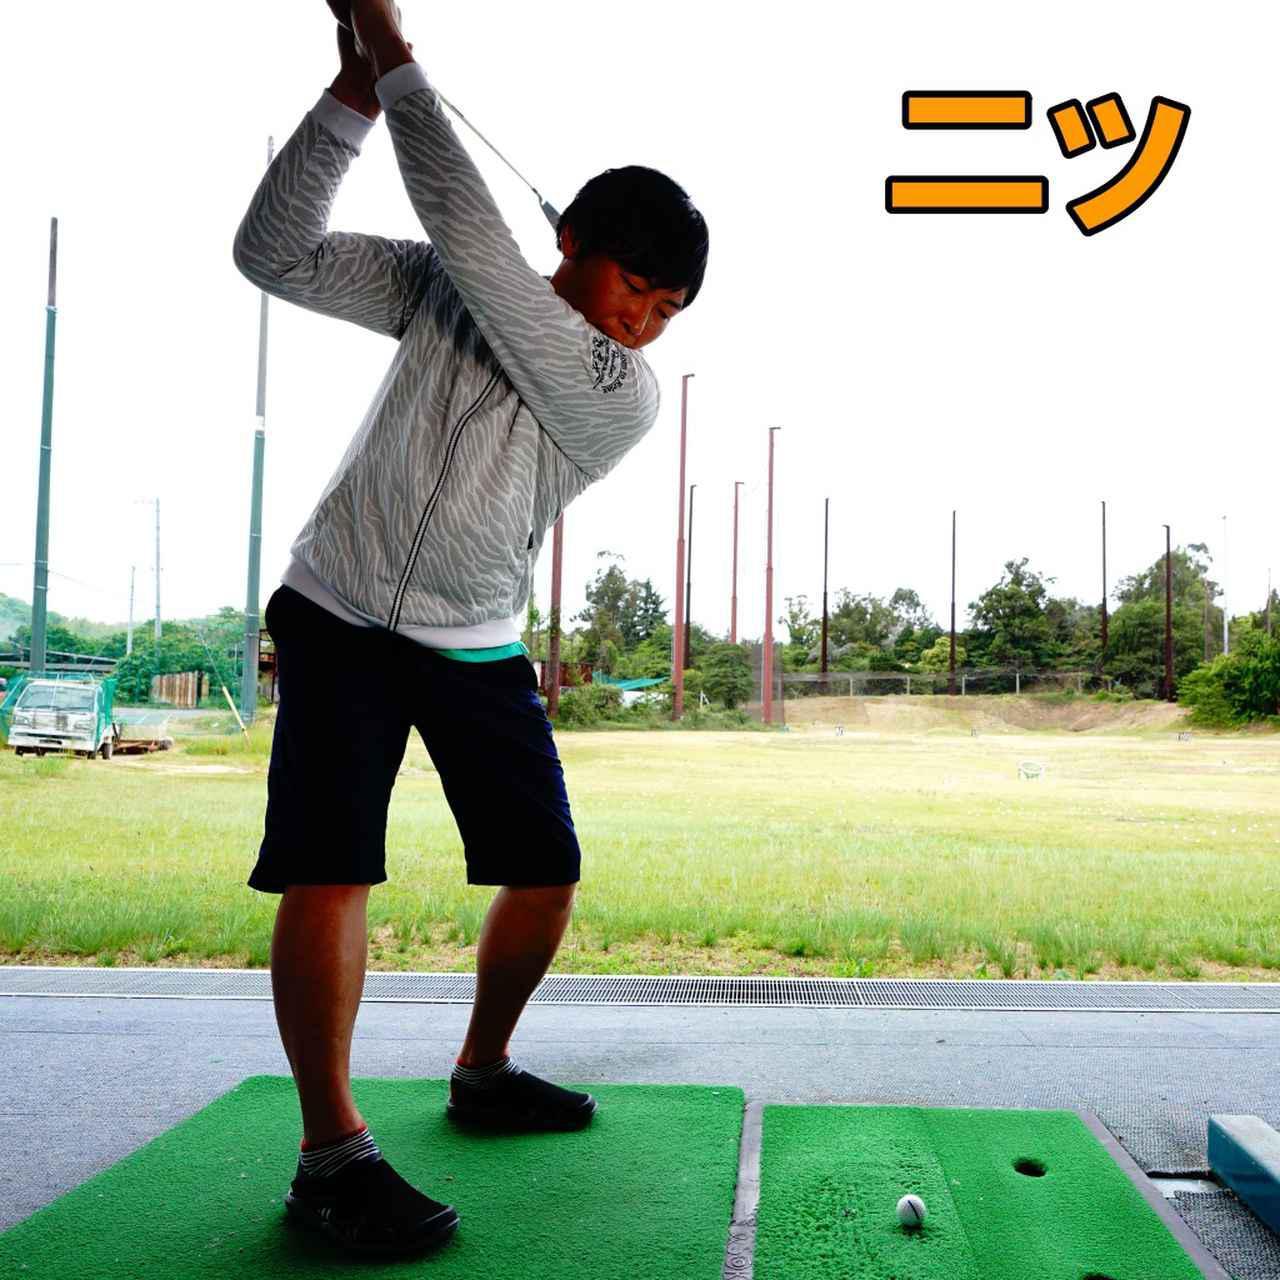 画像1: 【通勤GD】遊ぶつもりでやってみて! Vol.5 スクェアアドレスと3秒打ちで基礎固め!? ゴルフダイジェストWEB